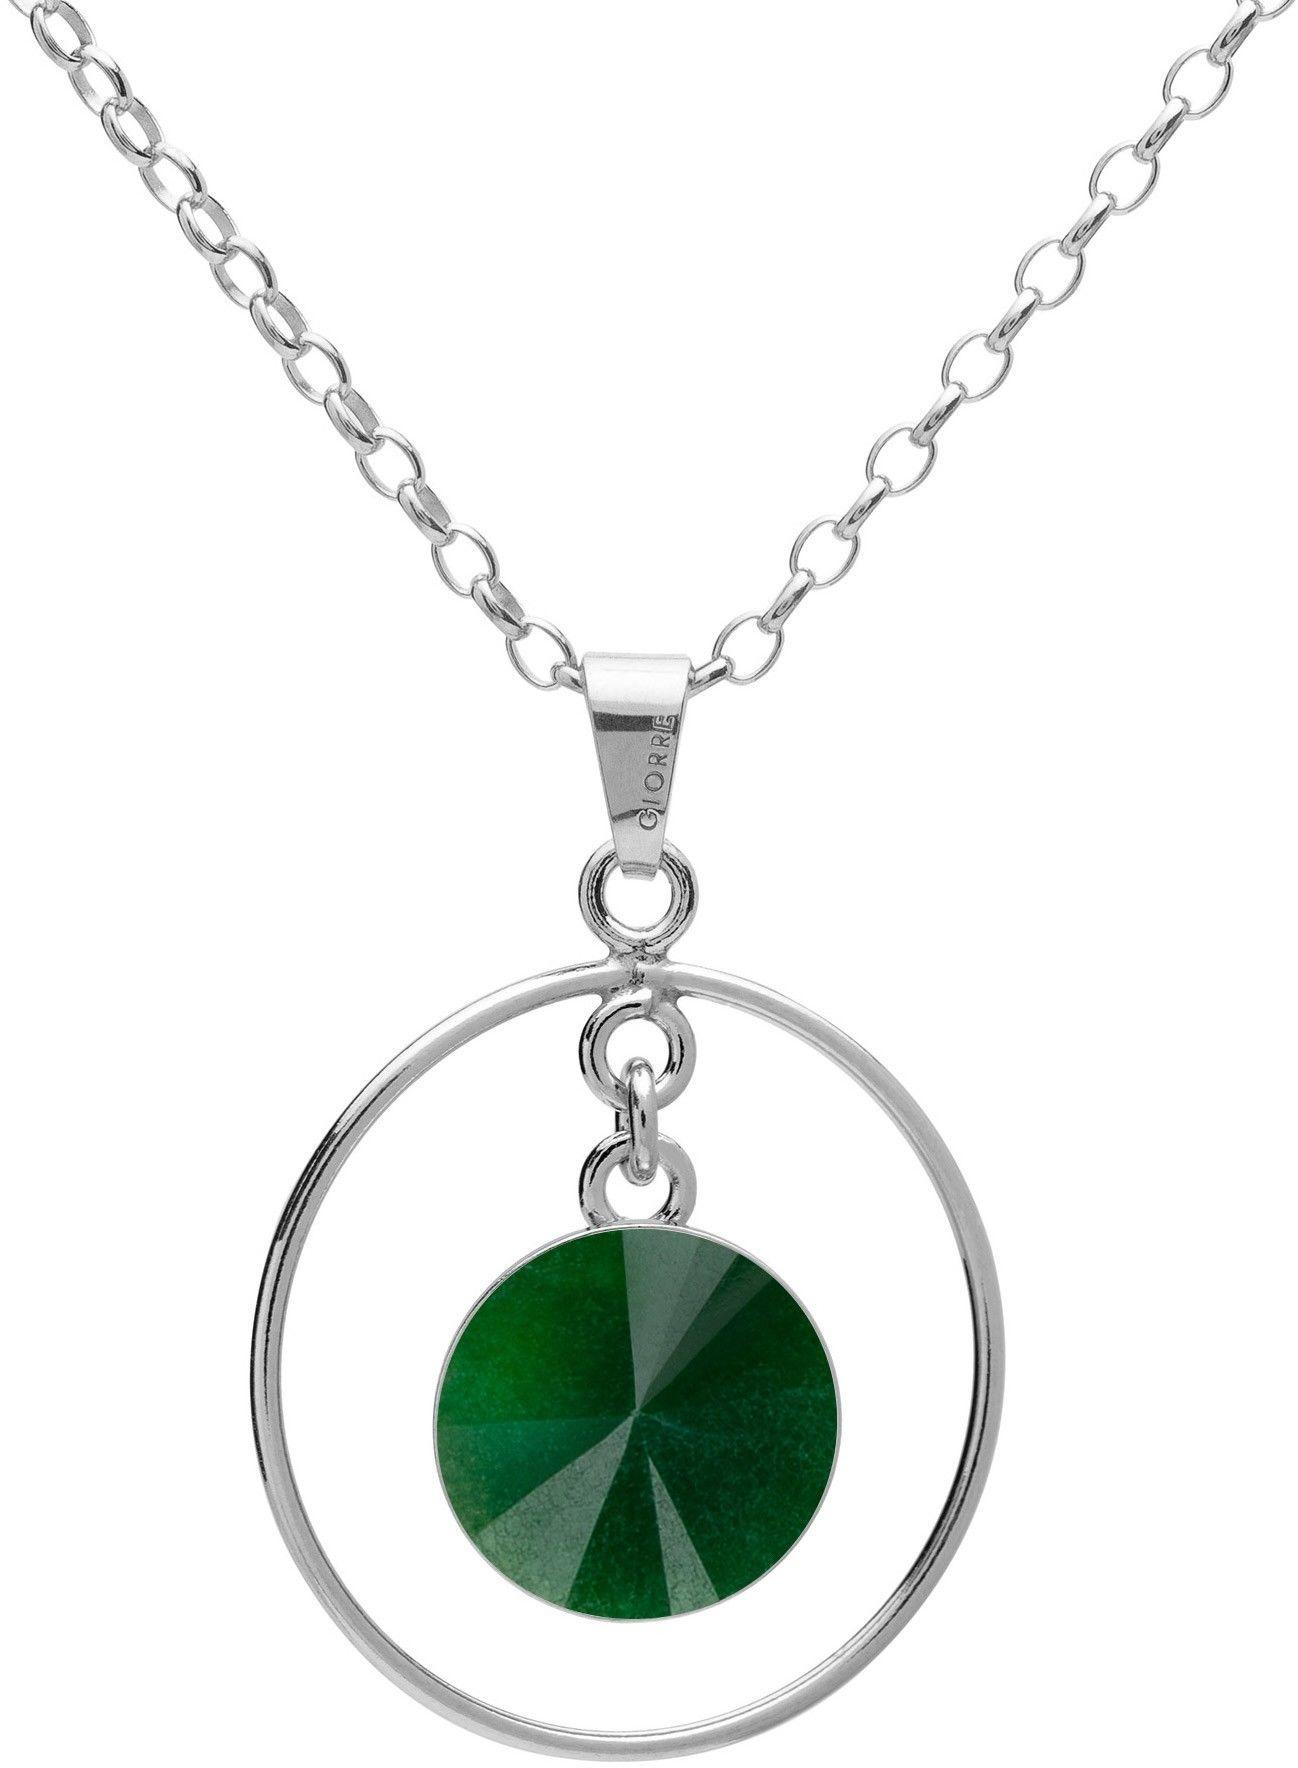 Okrągły naszyjnik z naturalnym kamieniem - jadeit, srebro 925 : Długość (cm) - 45 + 5, Kamienie naturalne - kolor - jadeit zielony ciemny, Srebro - kolor pokrycia - Pokrycie platyną